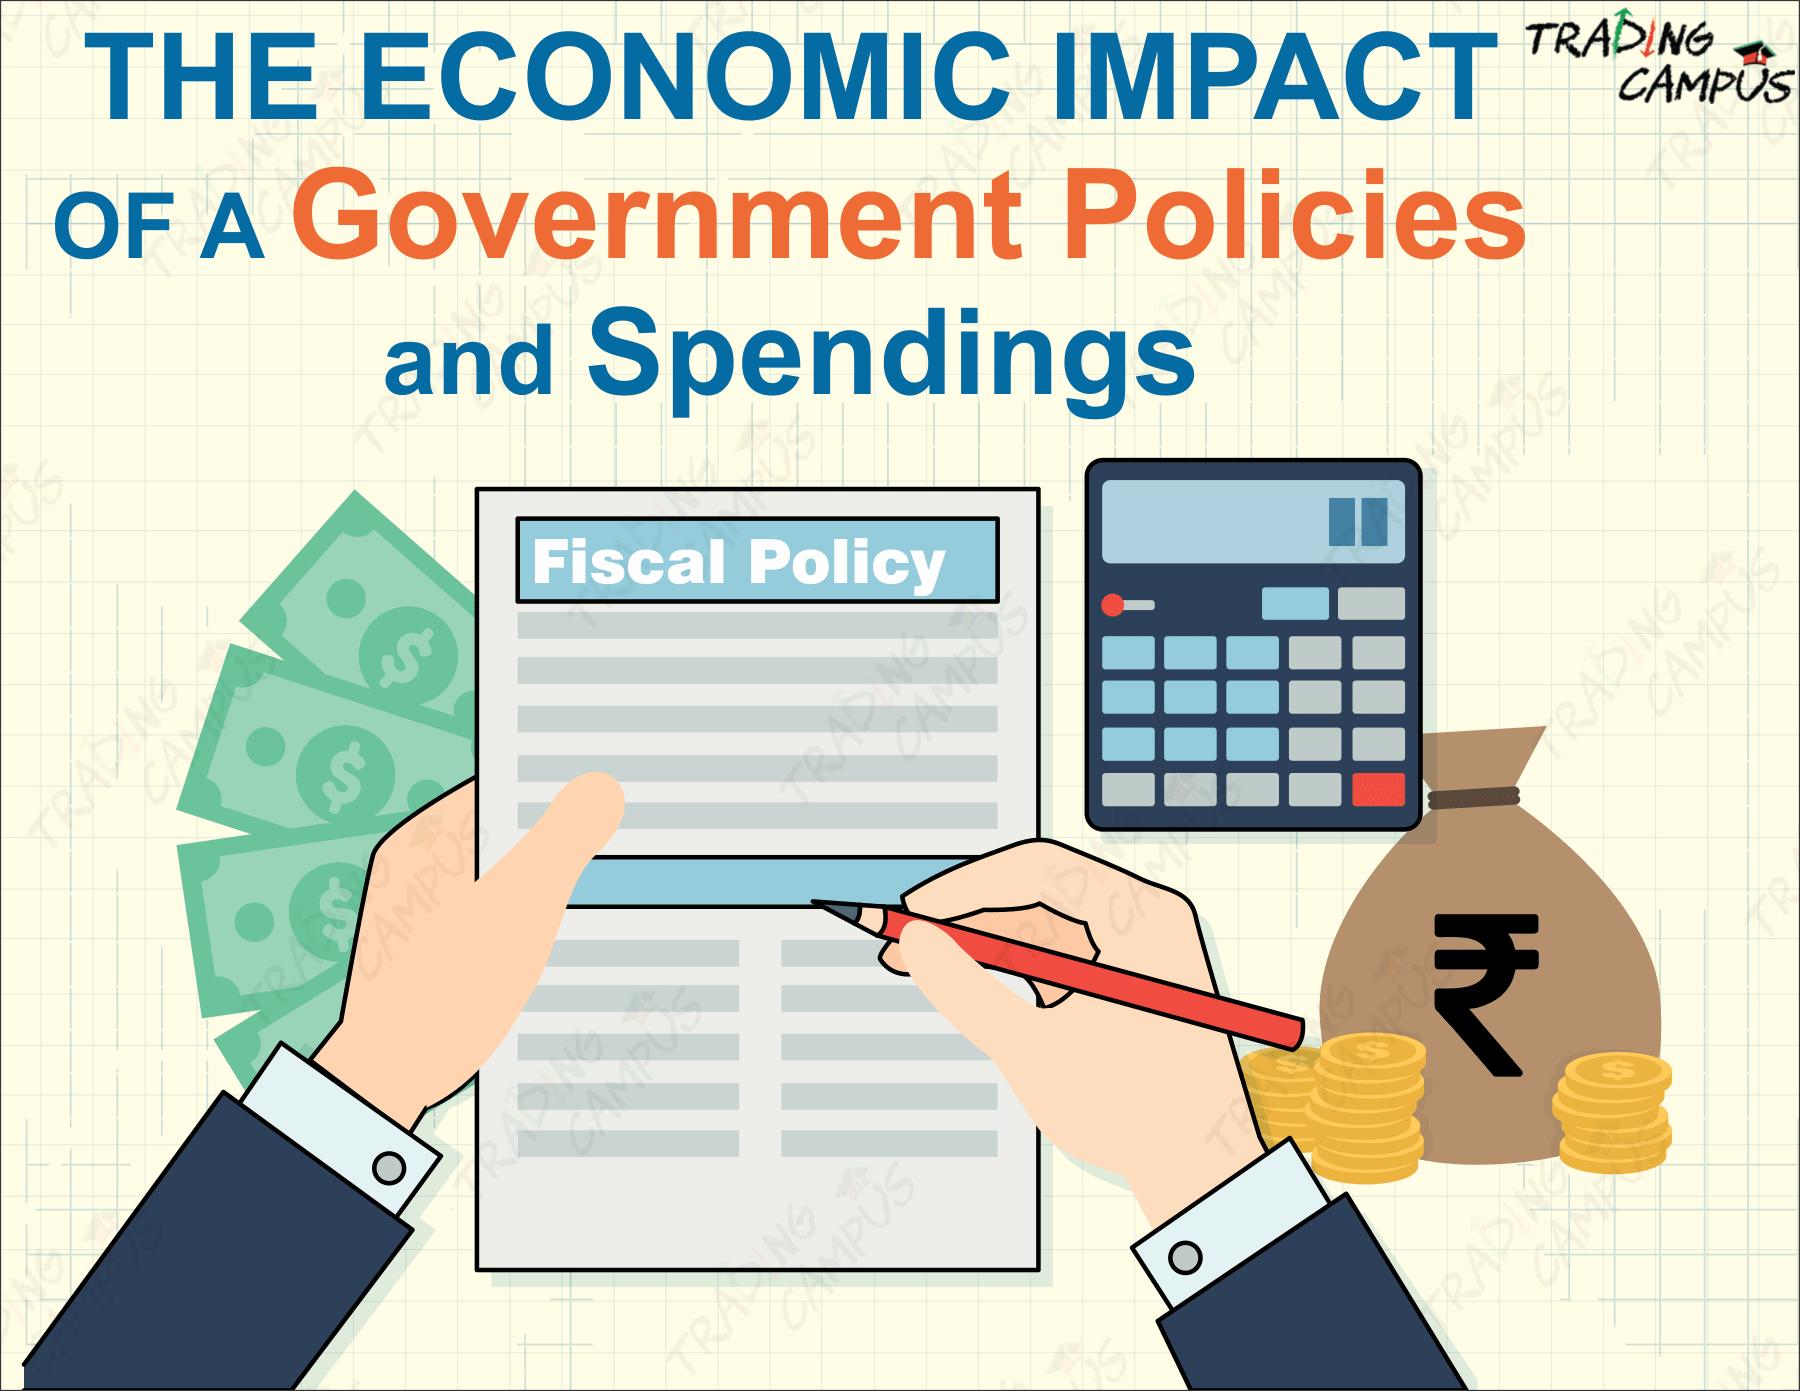 THE ECONOMIC IMPACT